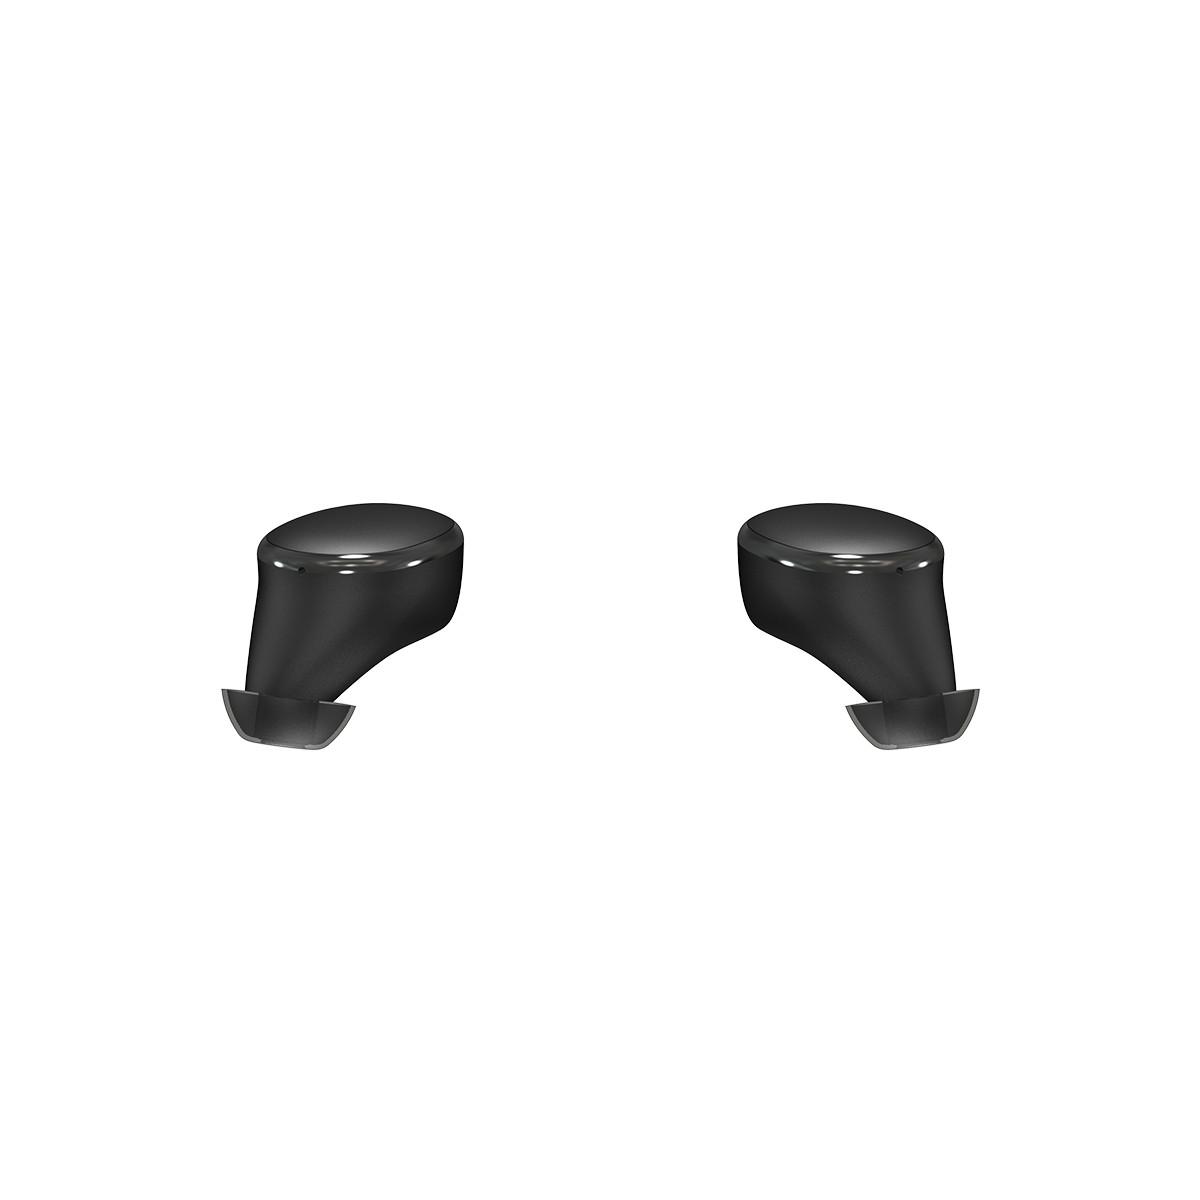 Tai nghe True Wireless Energizer UB2608  kèm hộp sạc di động chống thấm nước IPX4 -Hàng Chính Hãng